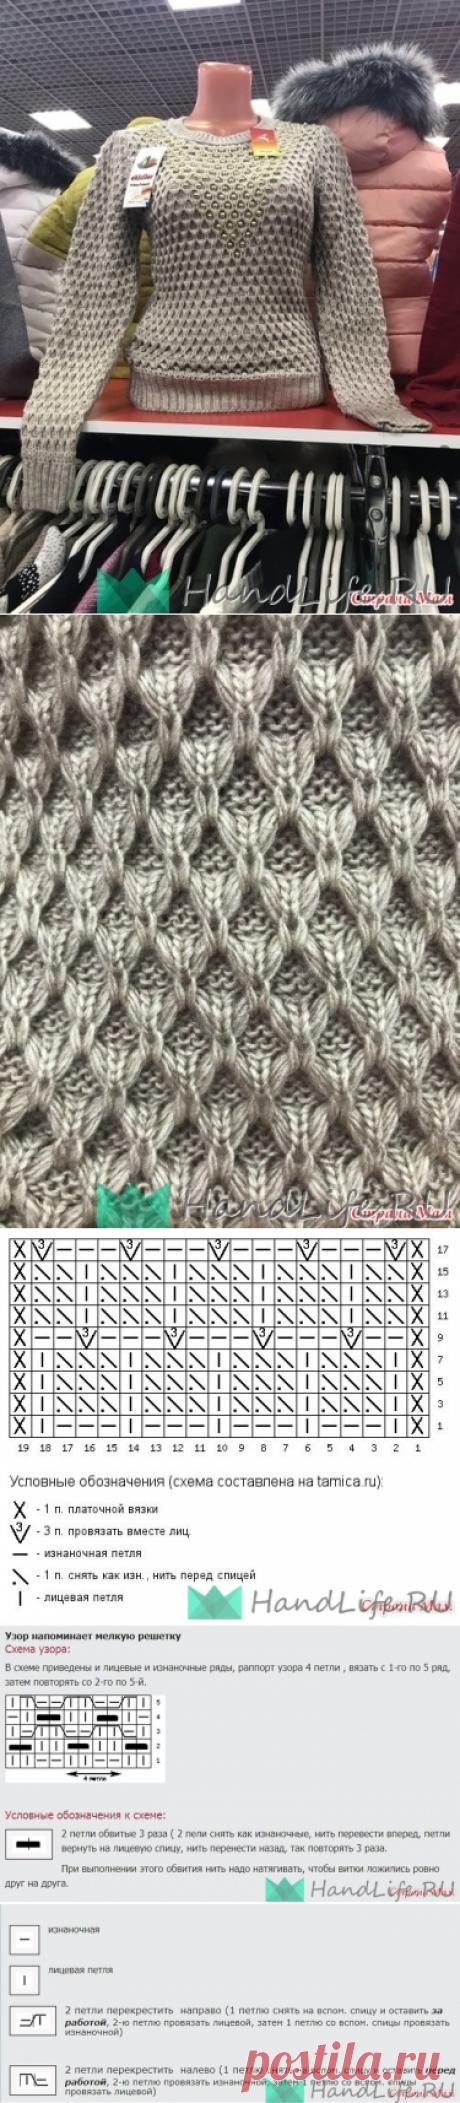 Volume pattern \/ Knitting